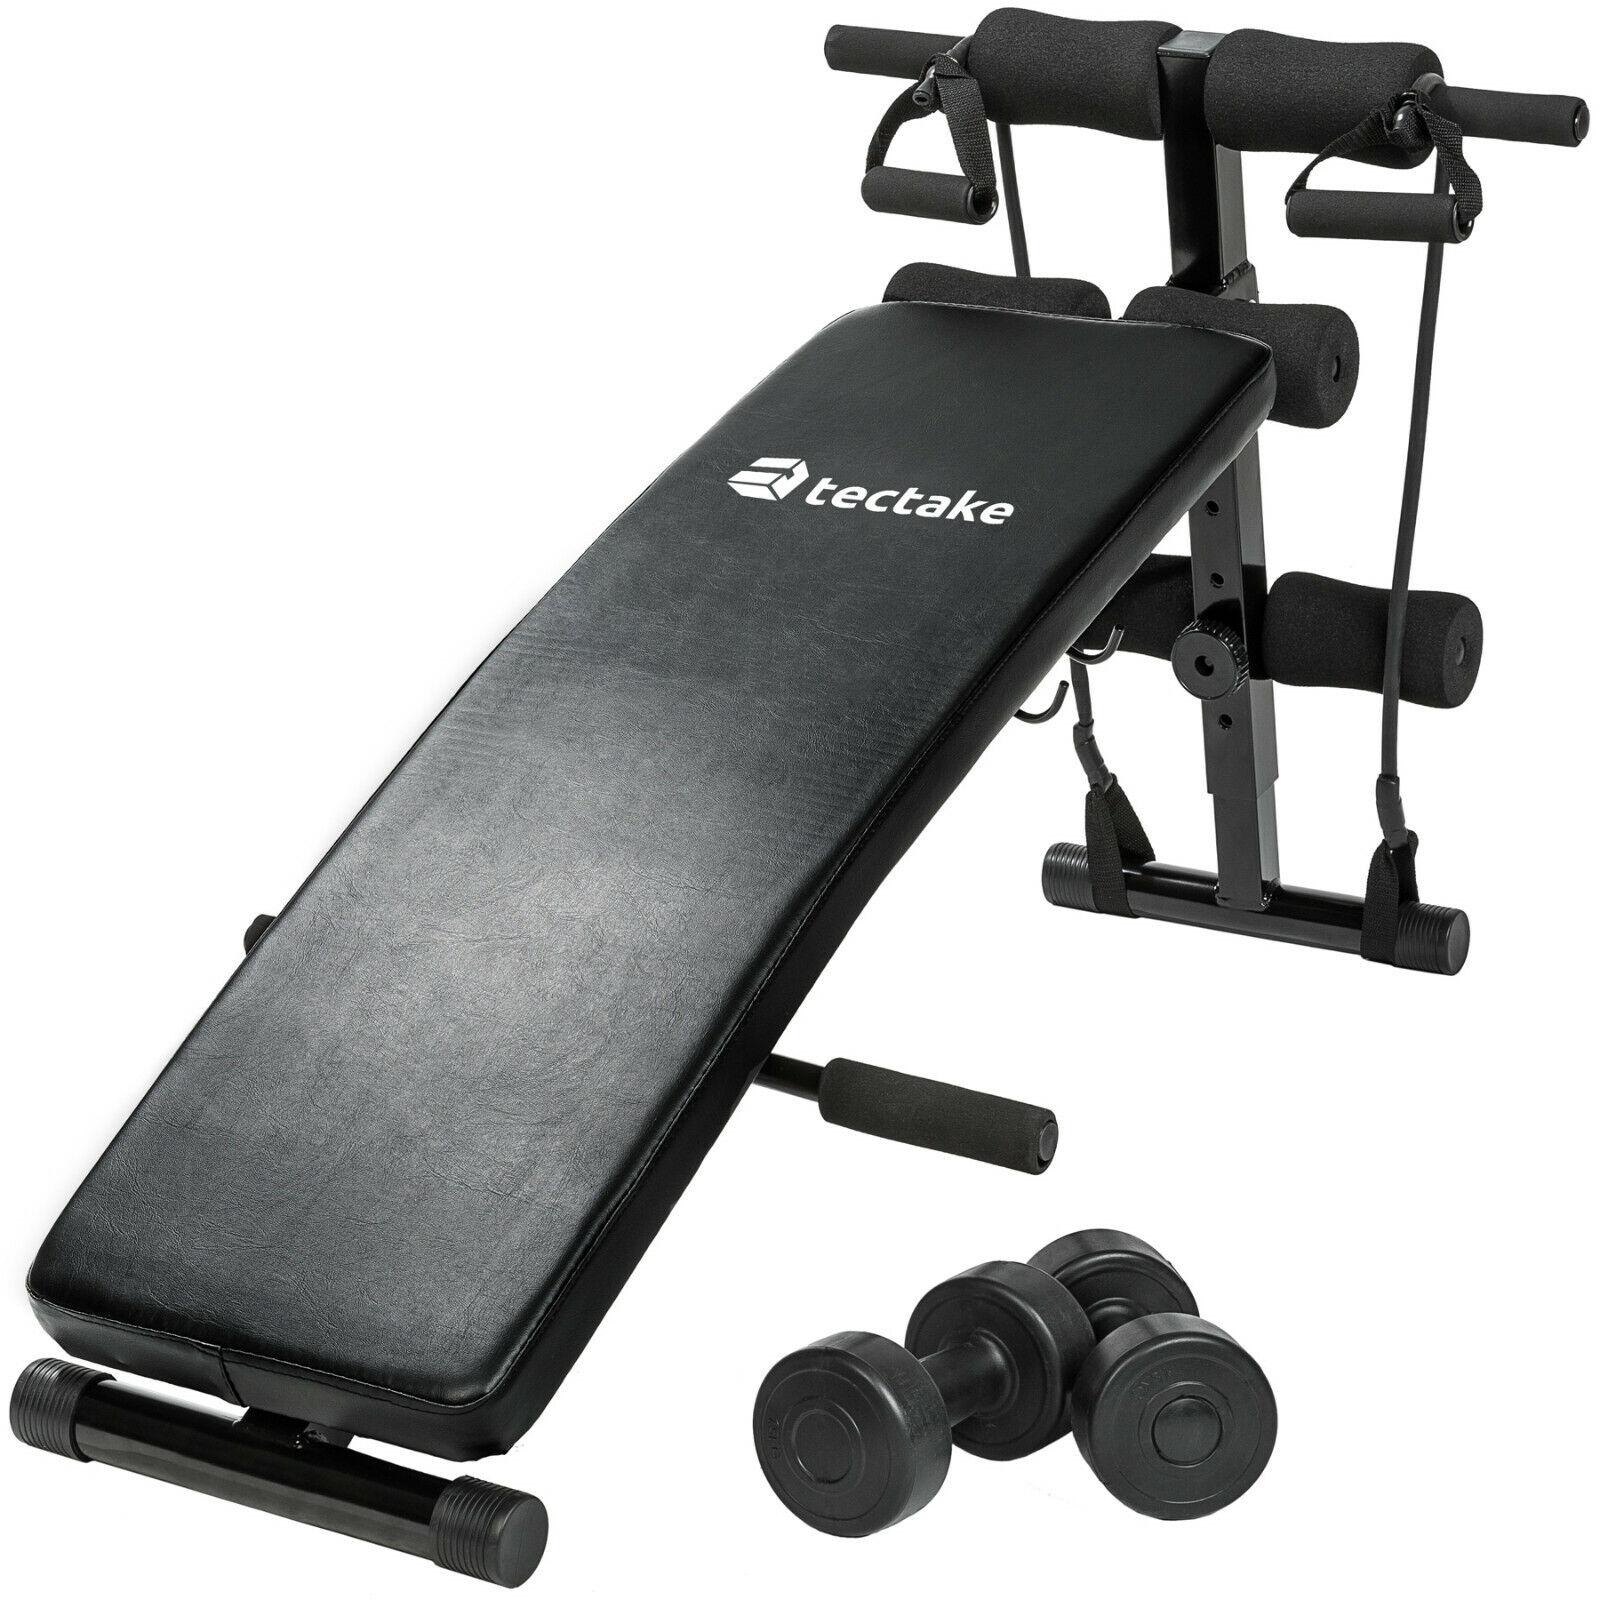 Banco de Musculación Abdominales Fitness Deporte Gimnasio Cuerdas Negro Nuevo